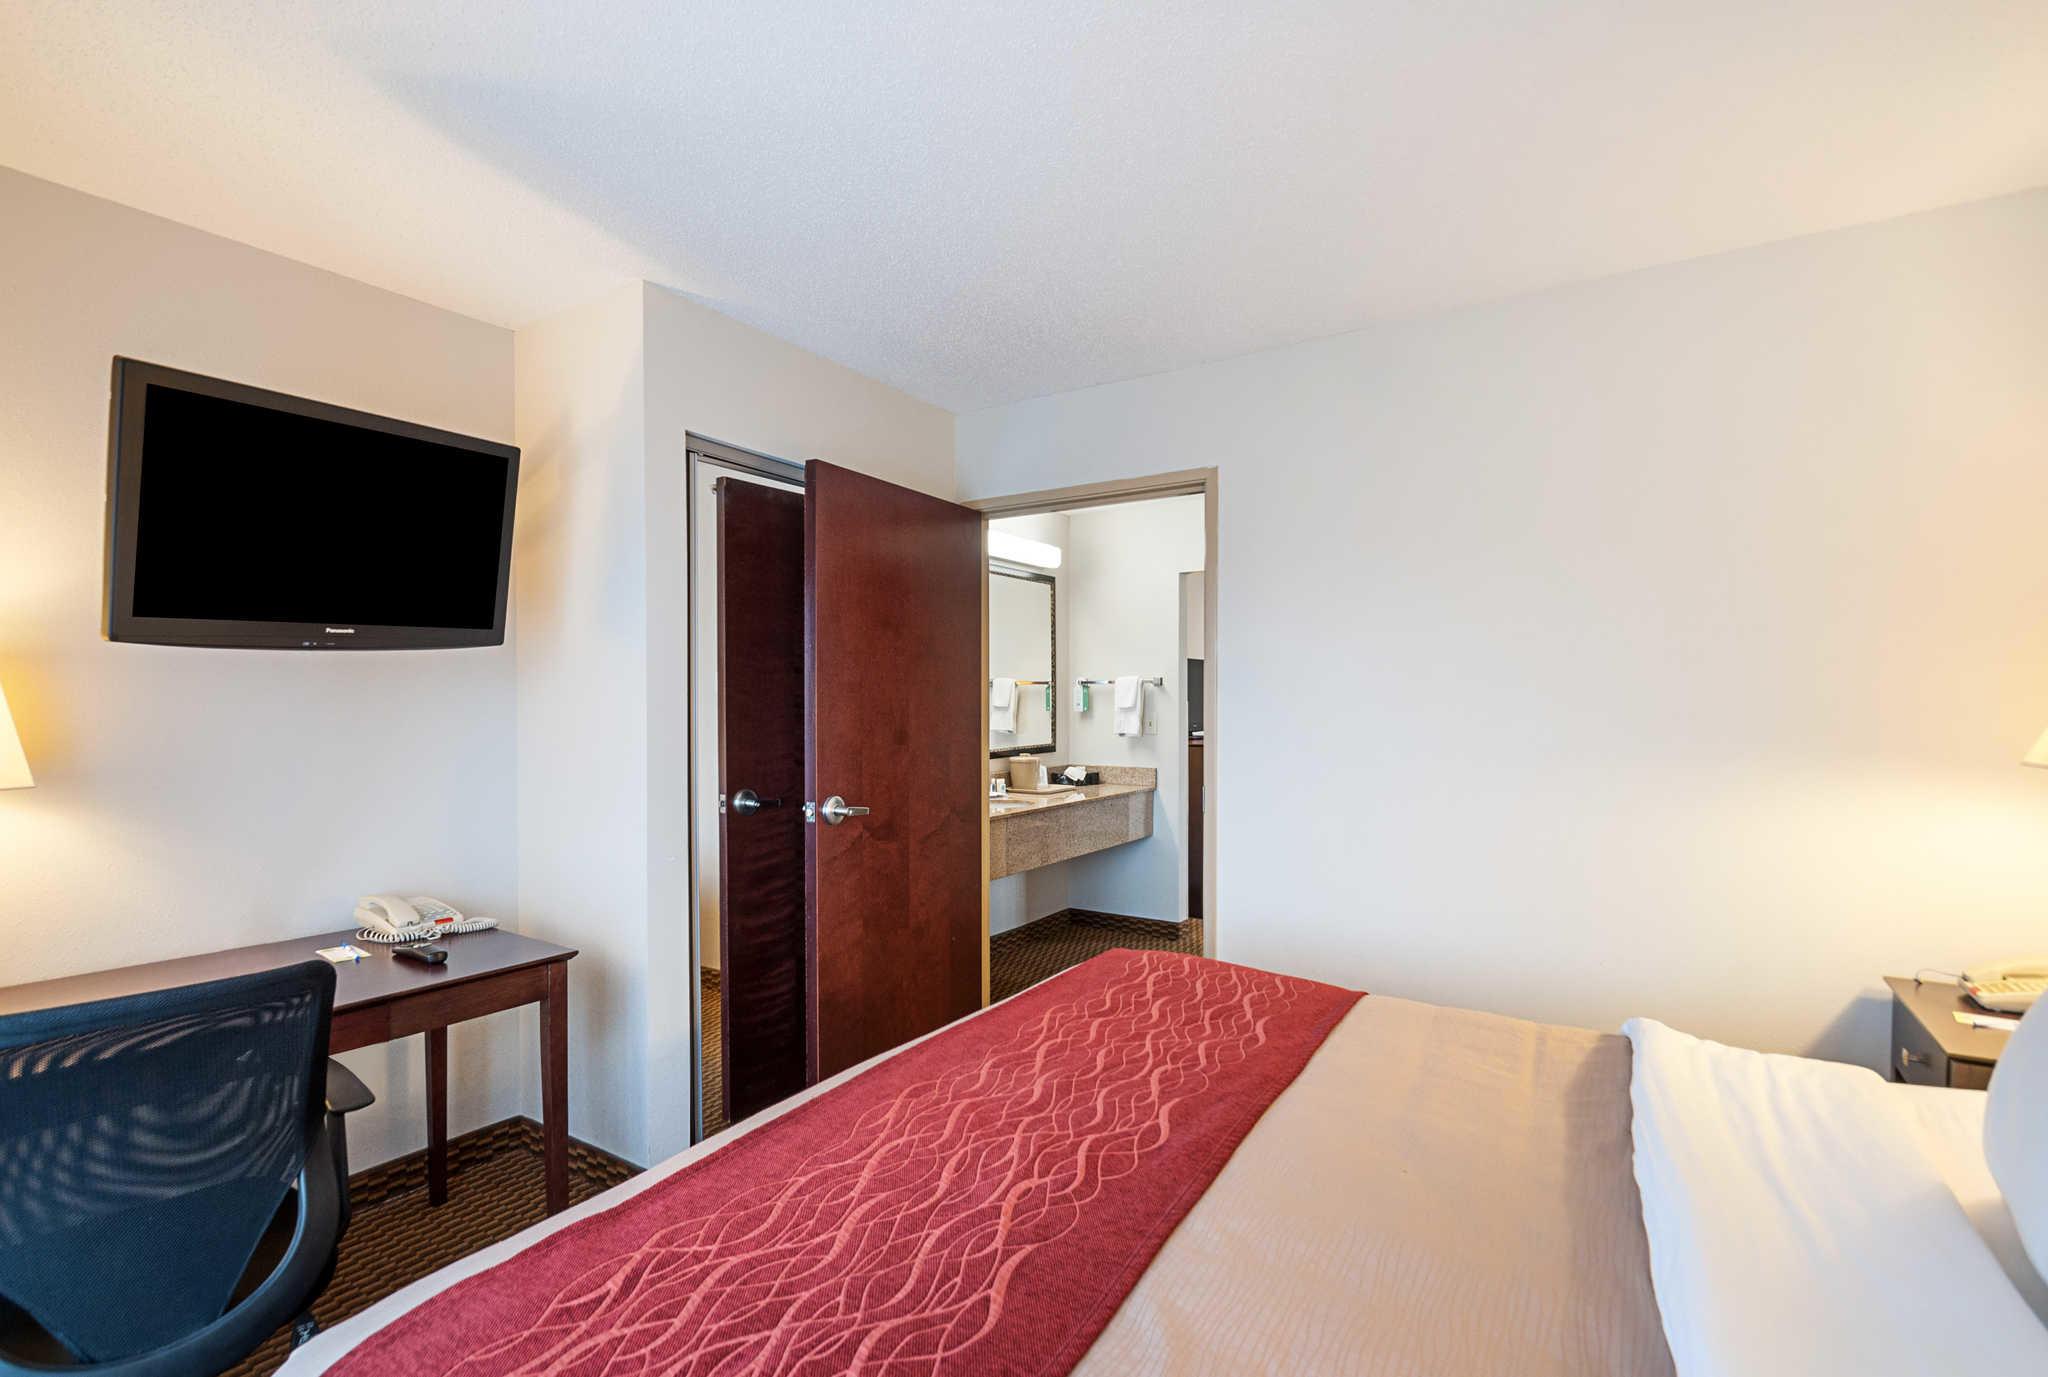 Comfort Inn & Suites Cambridge image 19